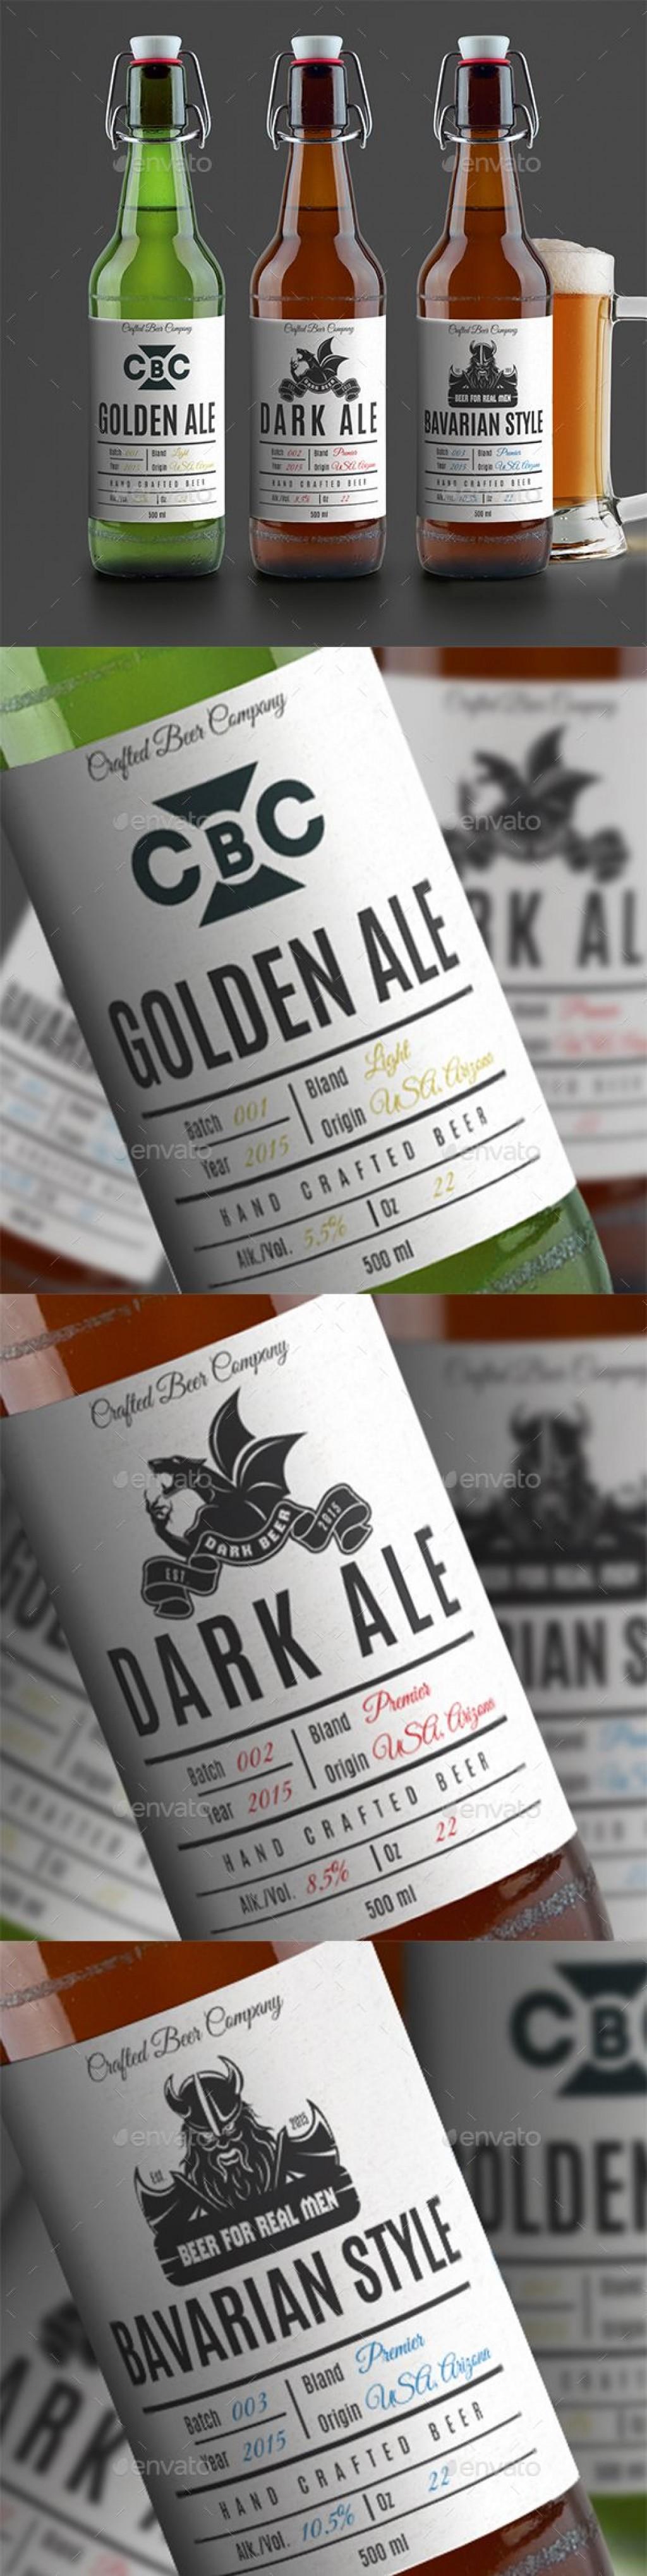 005 Fantastic Beer Bottle Label Template Word High Definition  FreeLarge